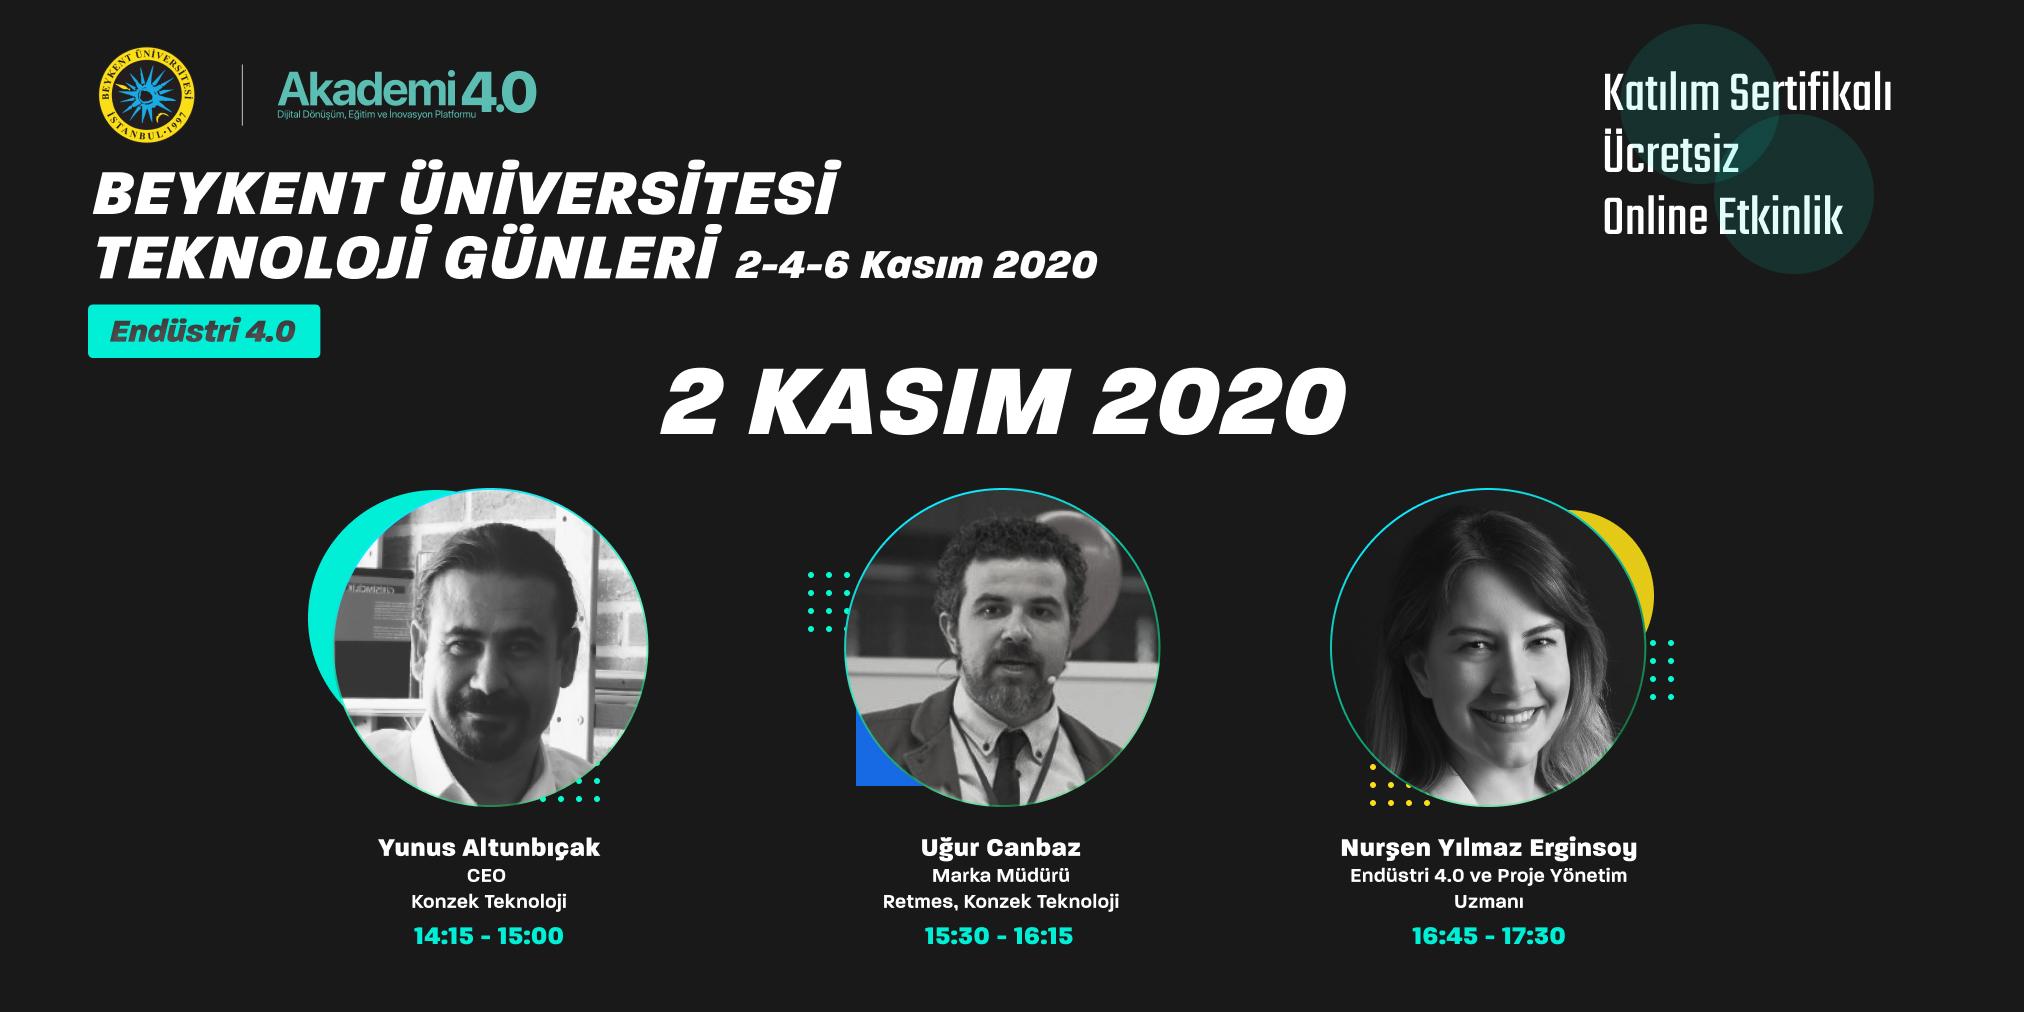 Teknoloji Günleri - Endüstri 4.0, 2 Kasım 2020 Pazartesi